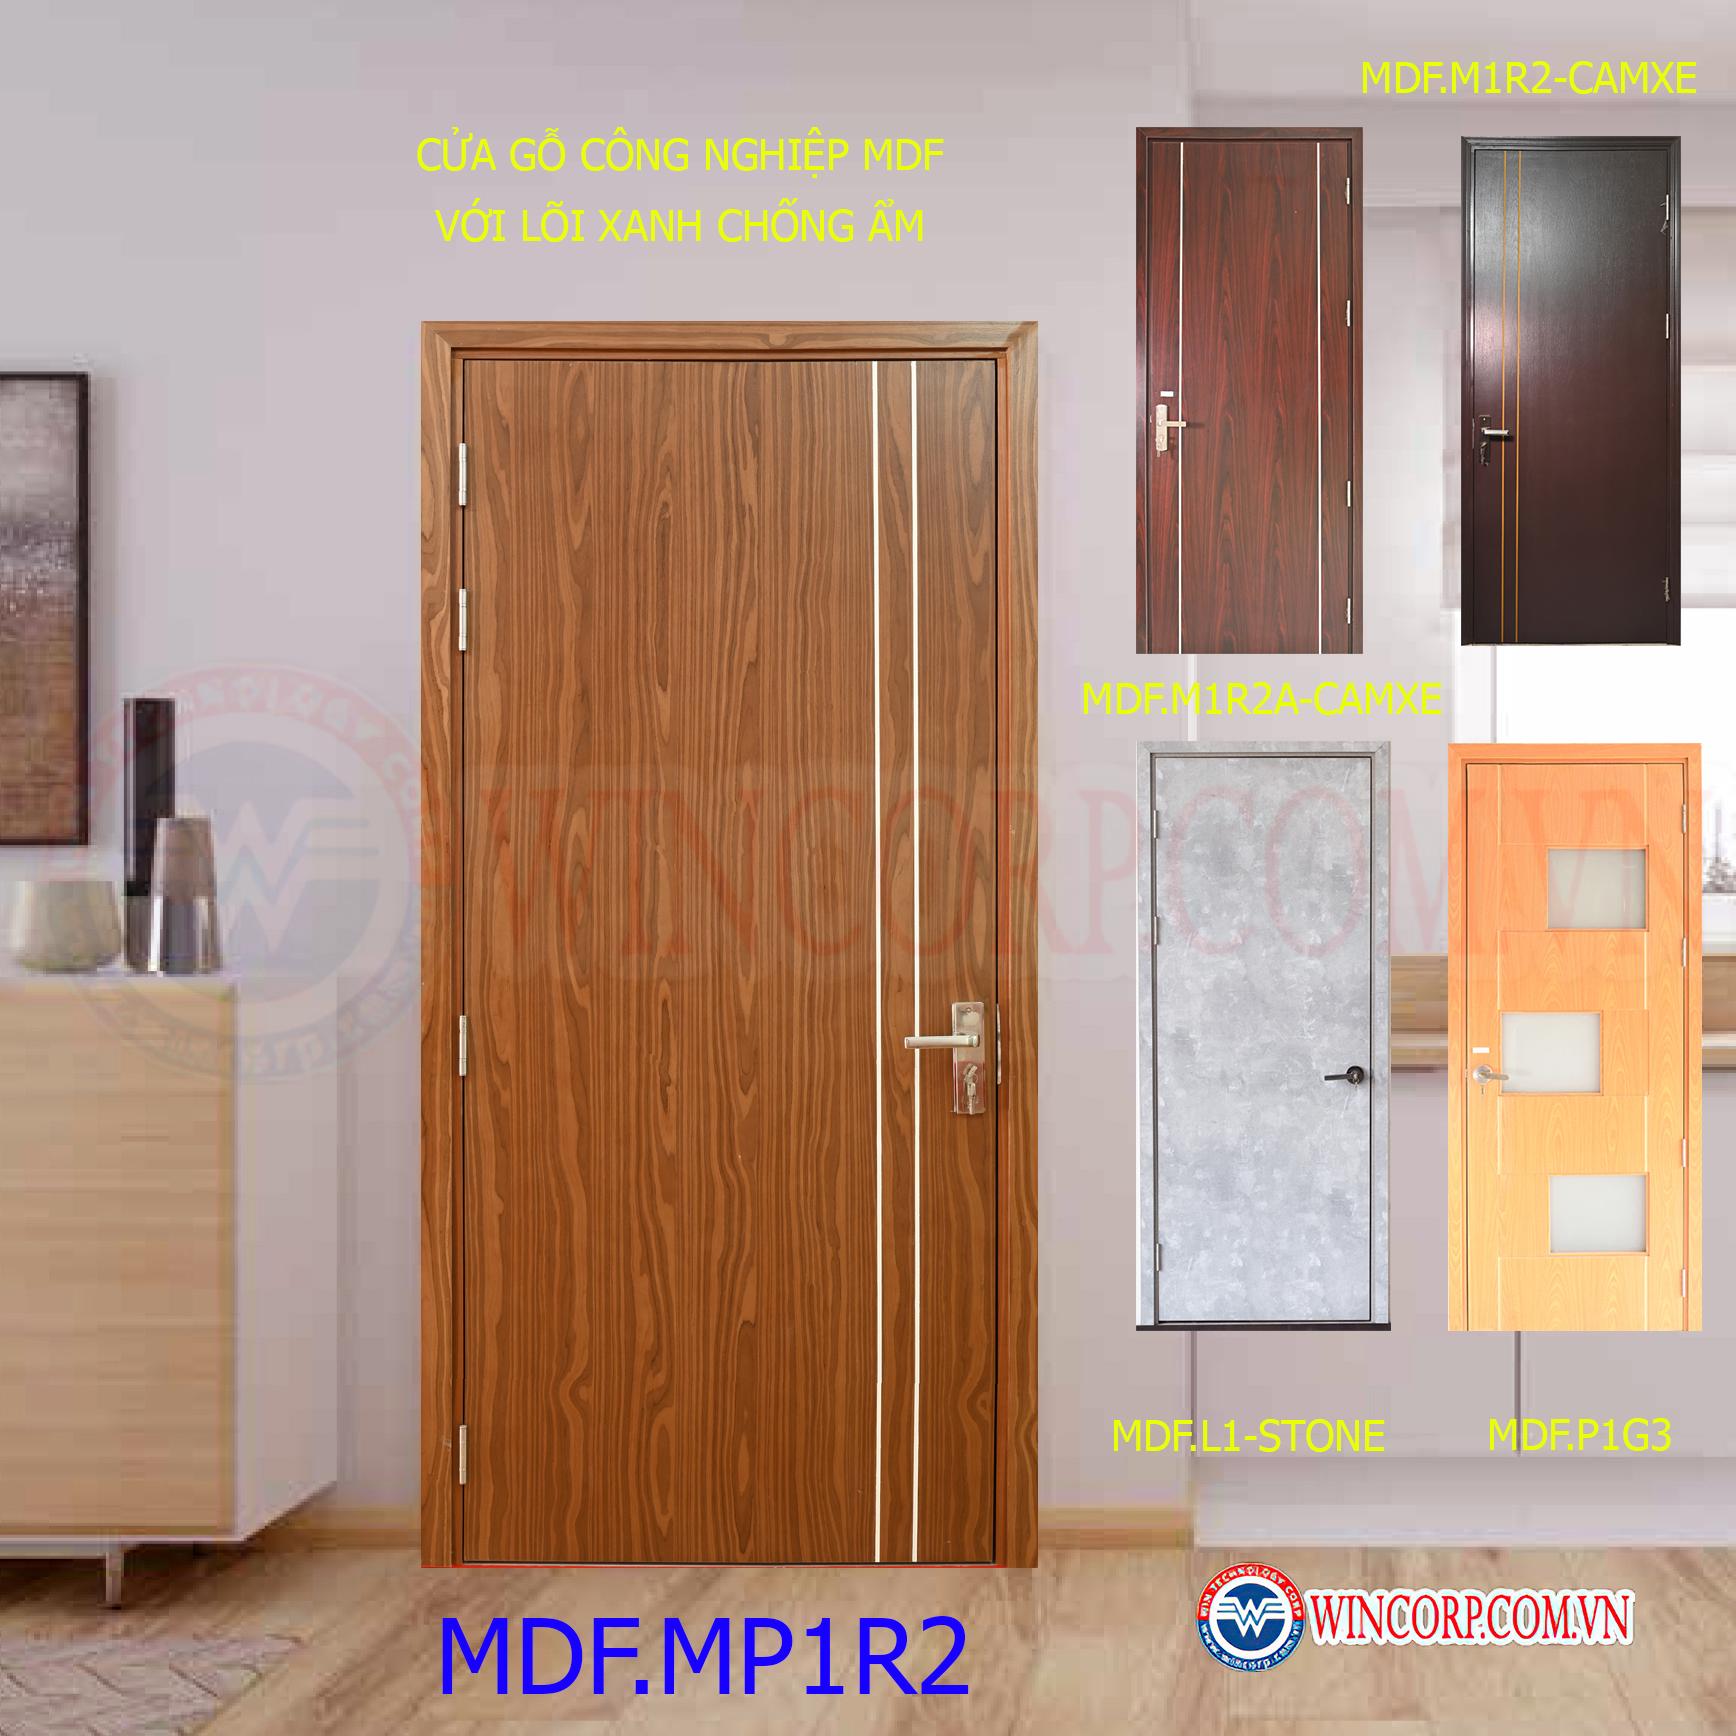 Cửa nhà vệ sinh dùng cửa gỗ công nghiệp MDF lõi xanh chống ẩm